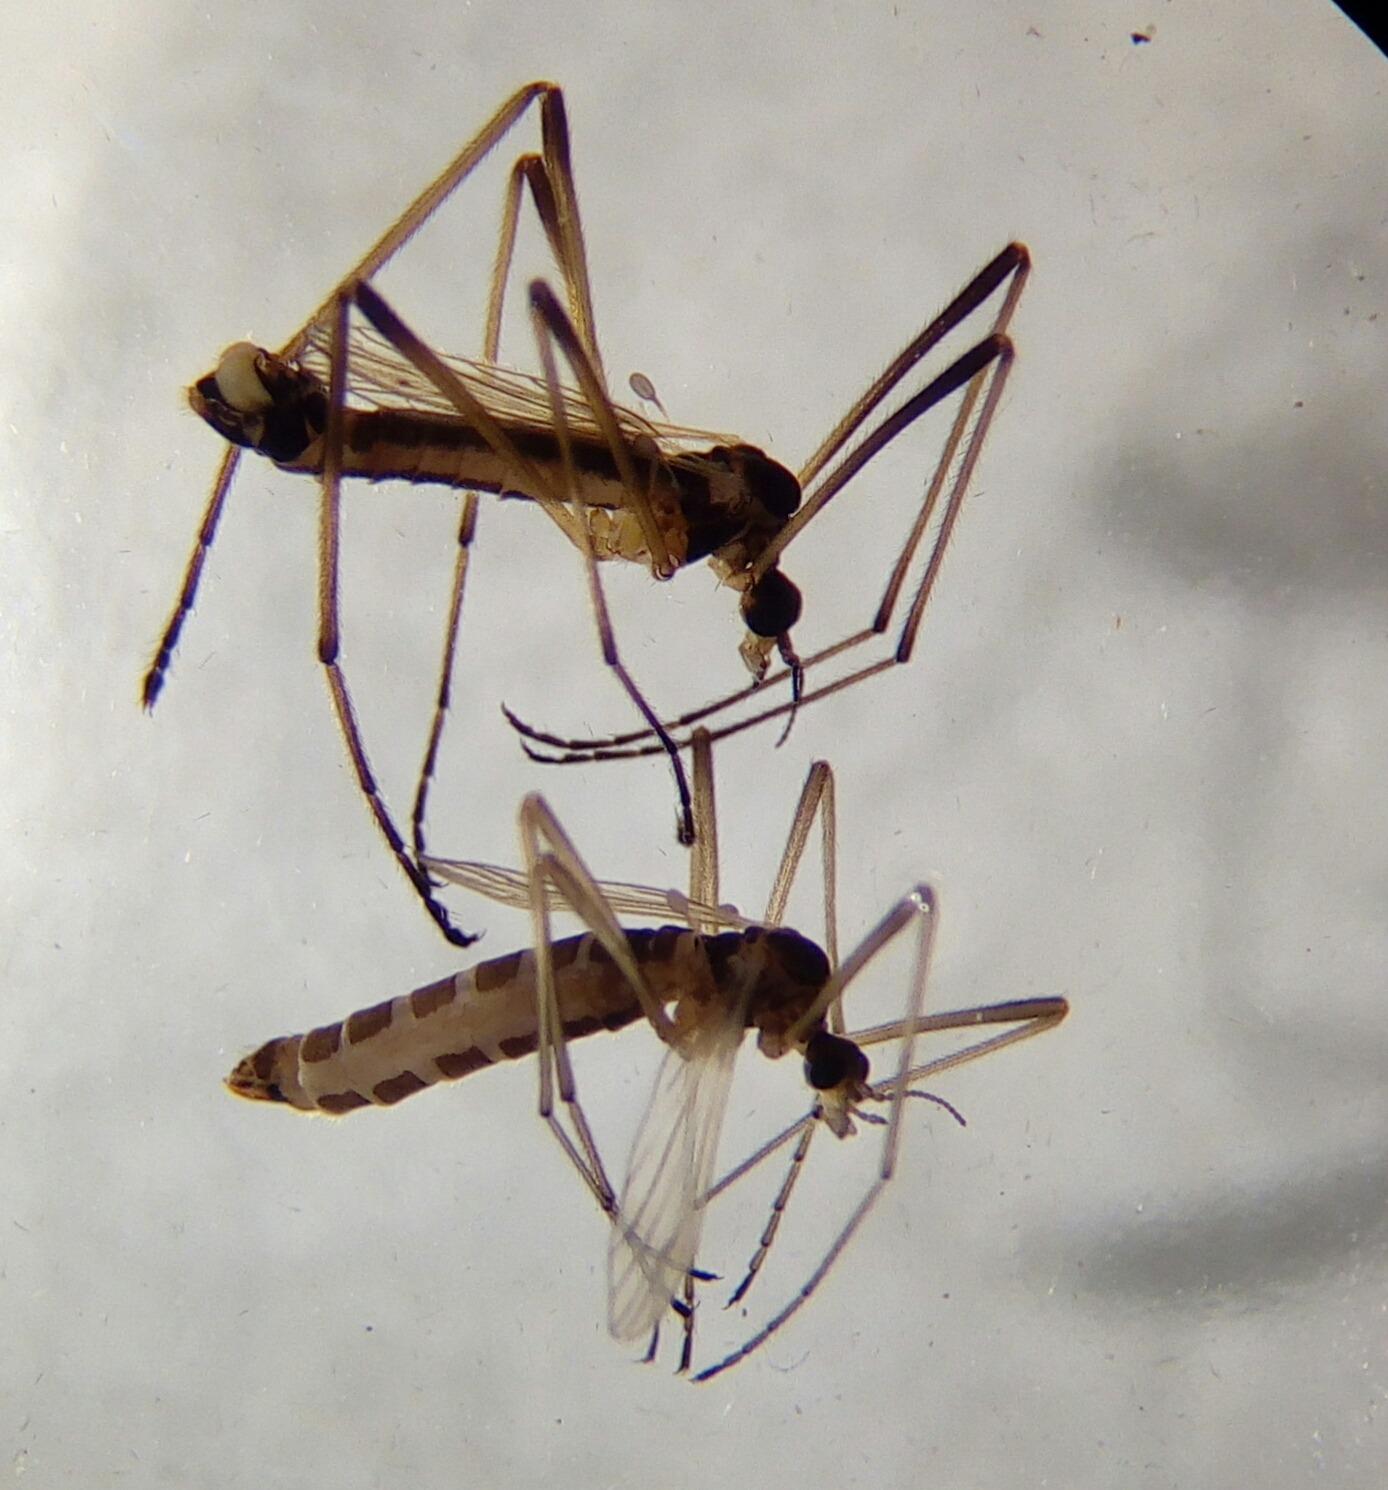 Hann (øverst) og hunn (nederst) av Dicranomyia melleicauda stenoptera